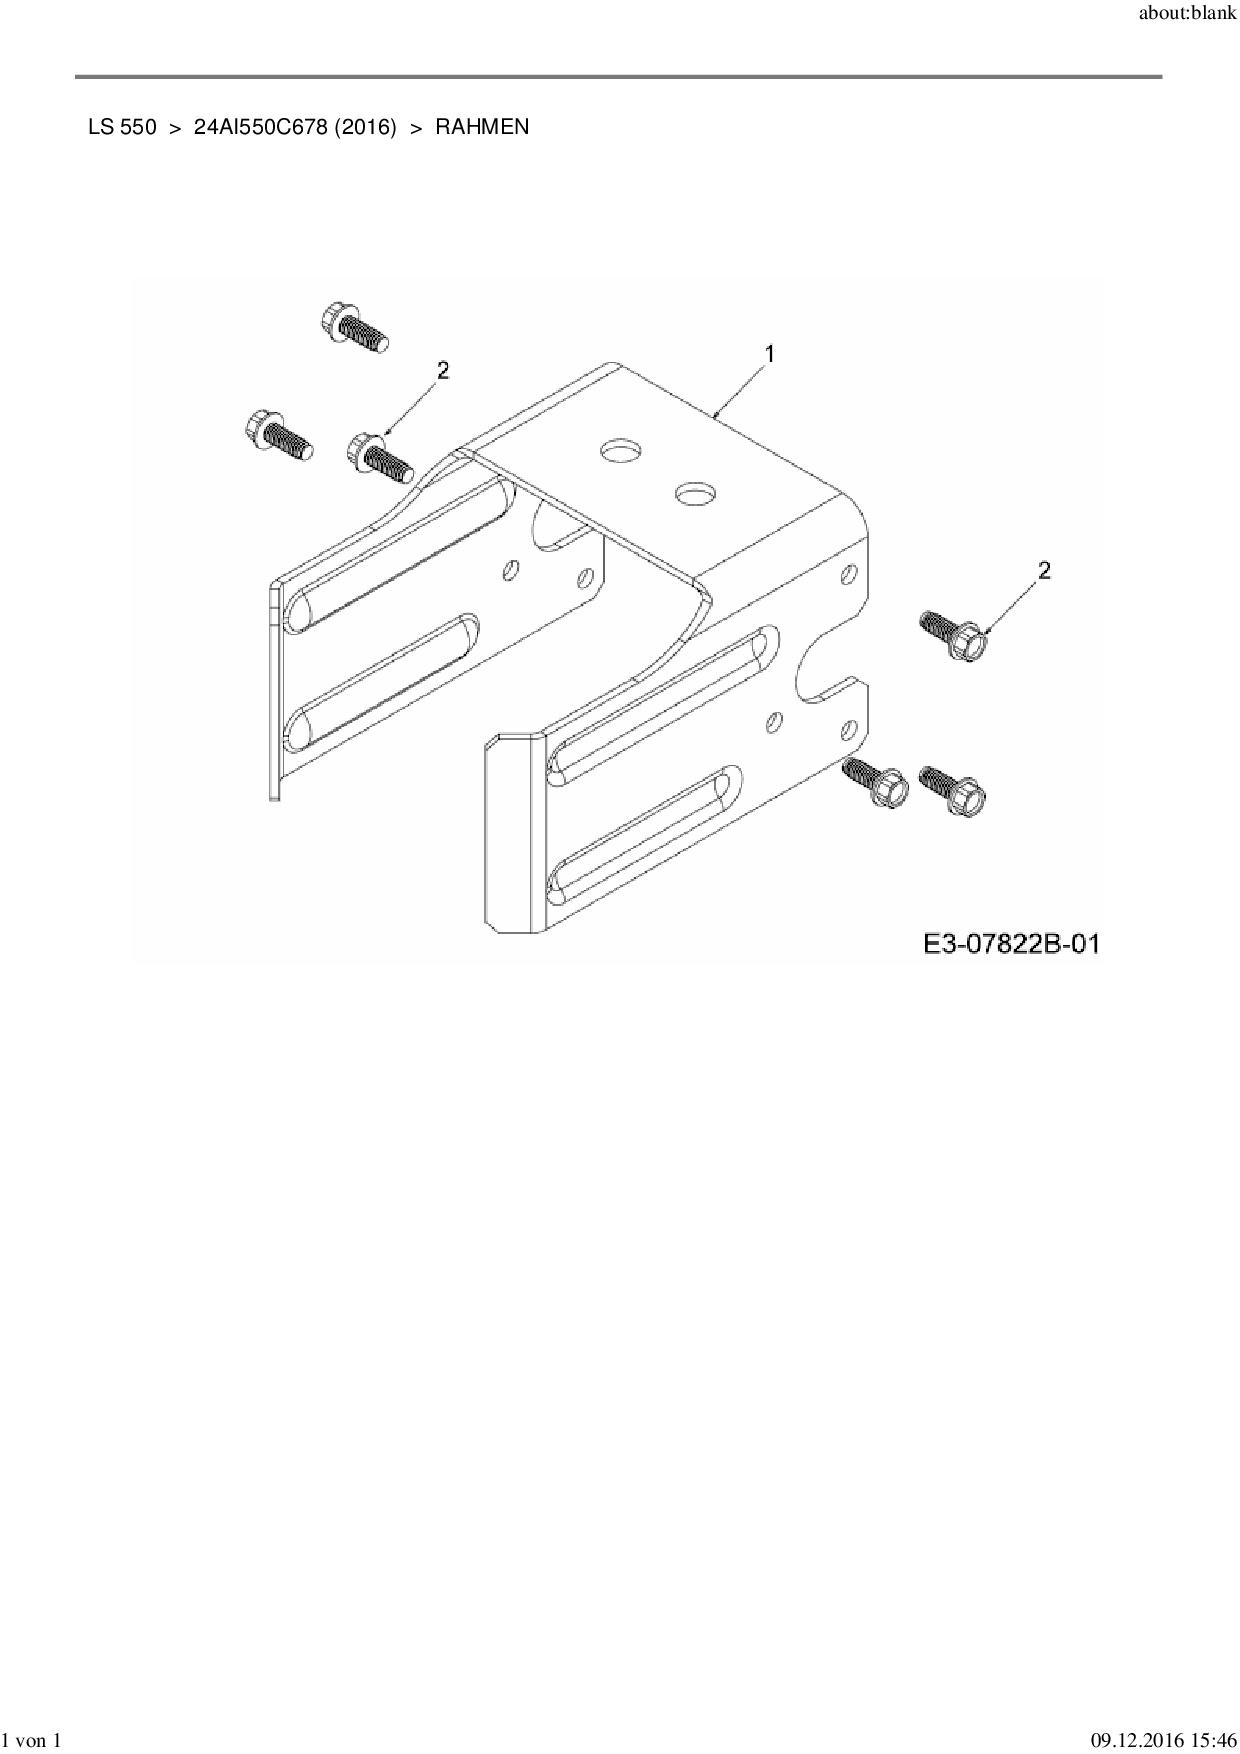 Ersatzteile von MTD Holzspalter LS 550 aus der Zeichnung Rahmen